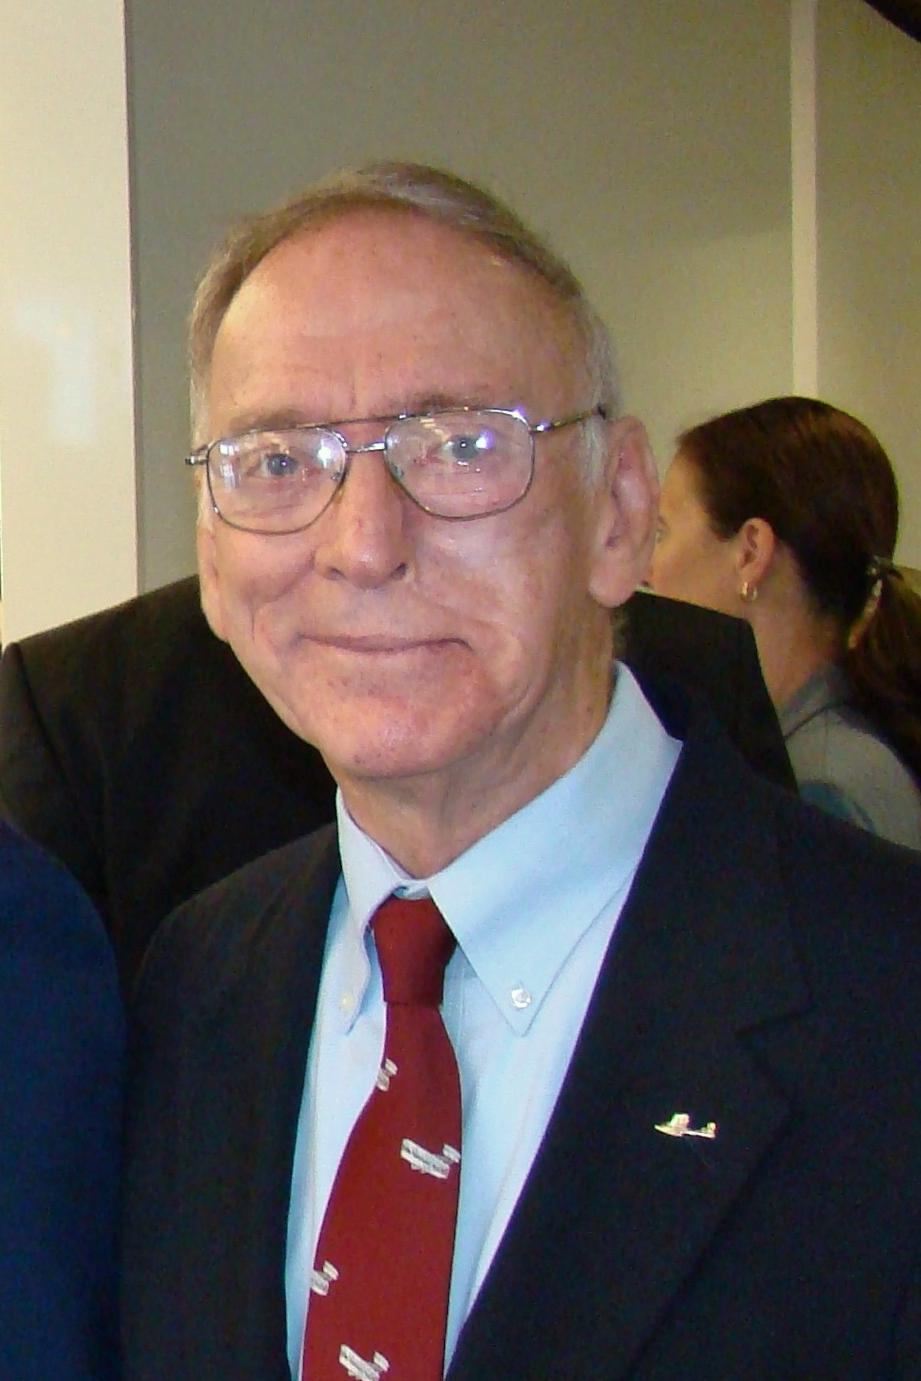 David McLay at Press Conference, 21  May '14.JPG